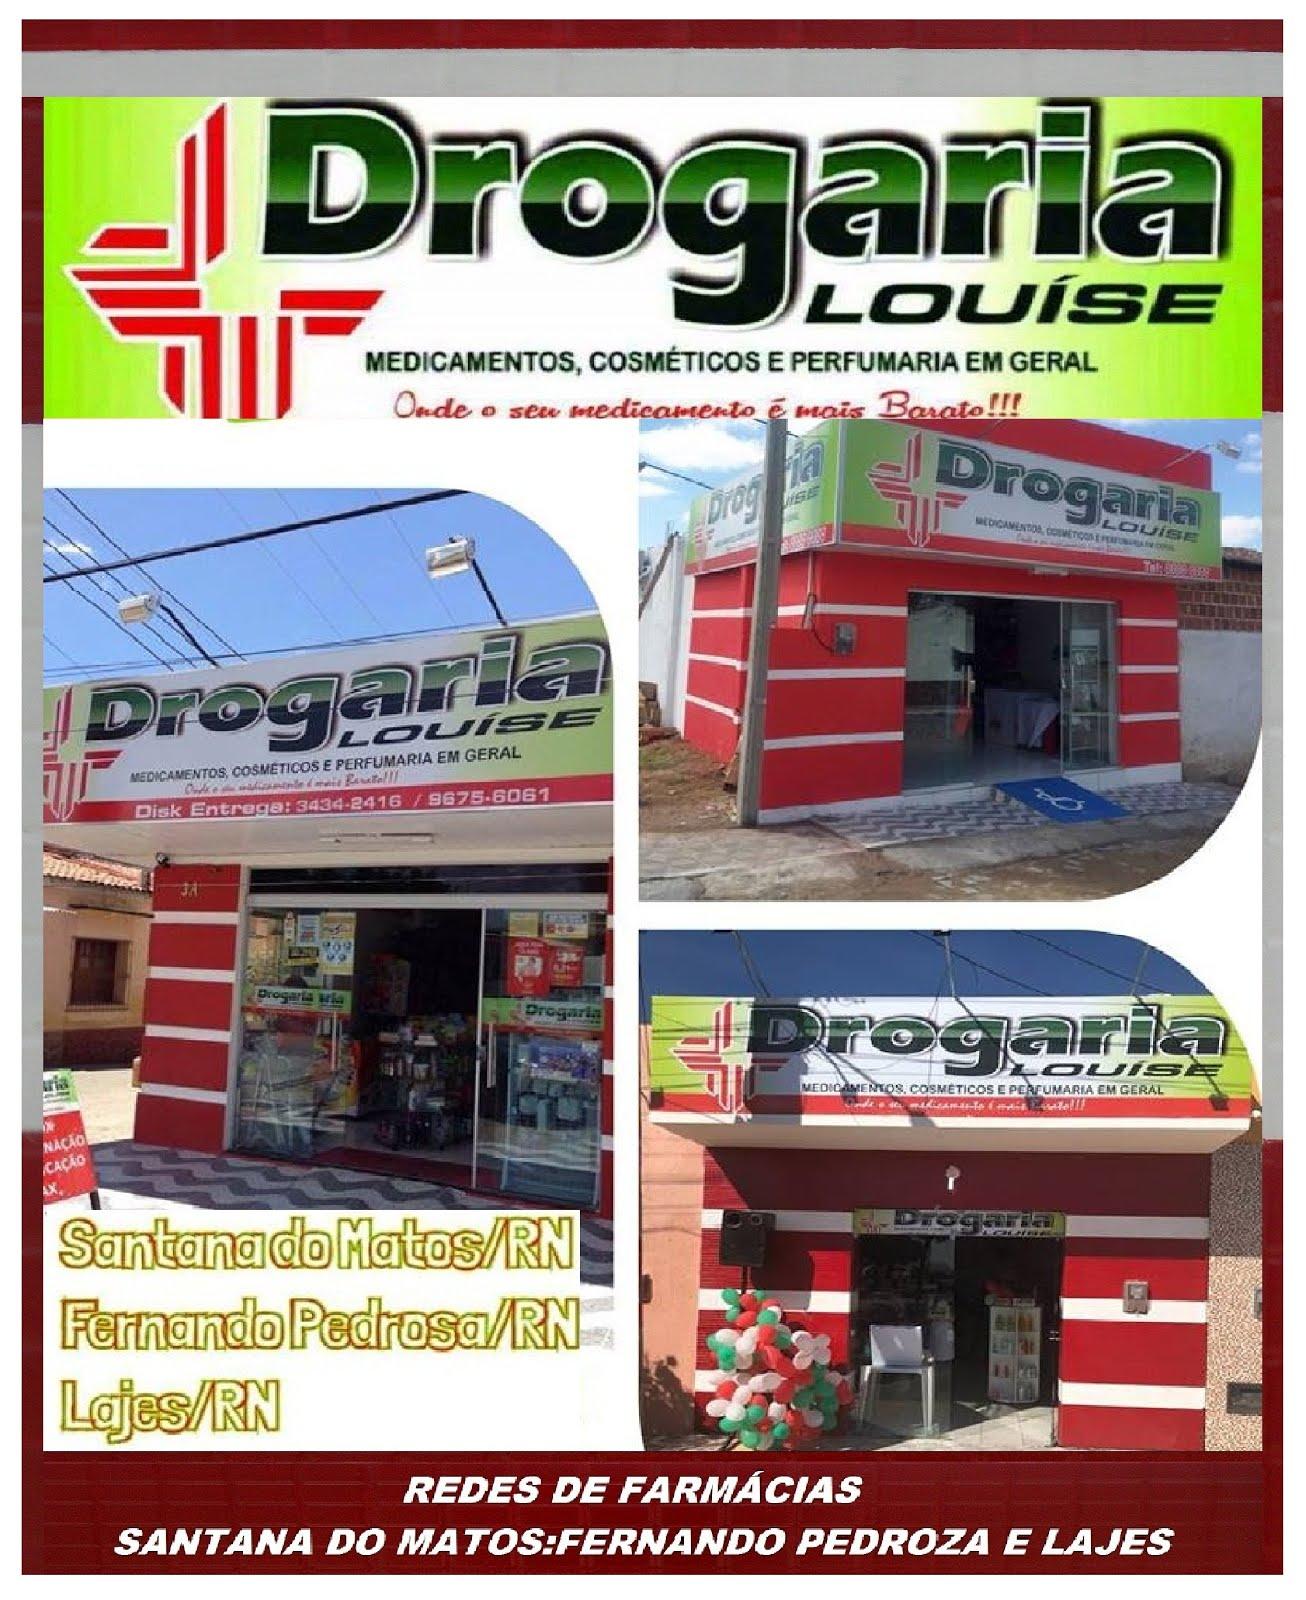 REDE DE FARMACIAS DROGARIAS LOUISE